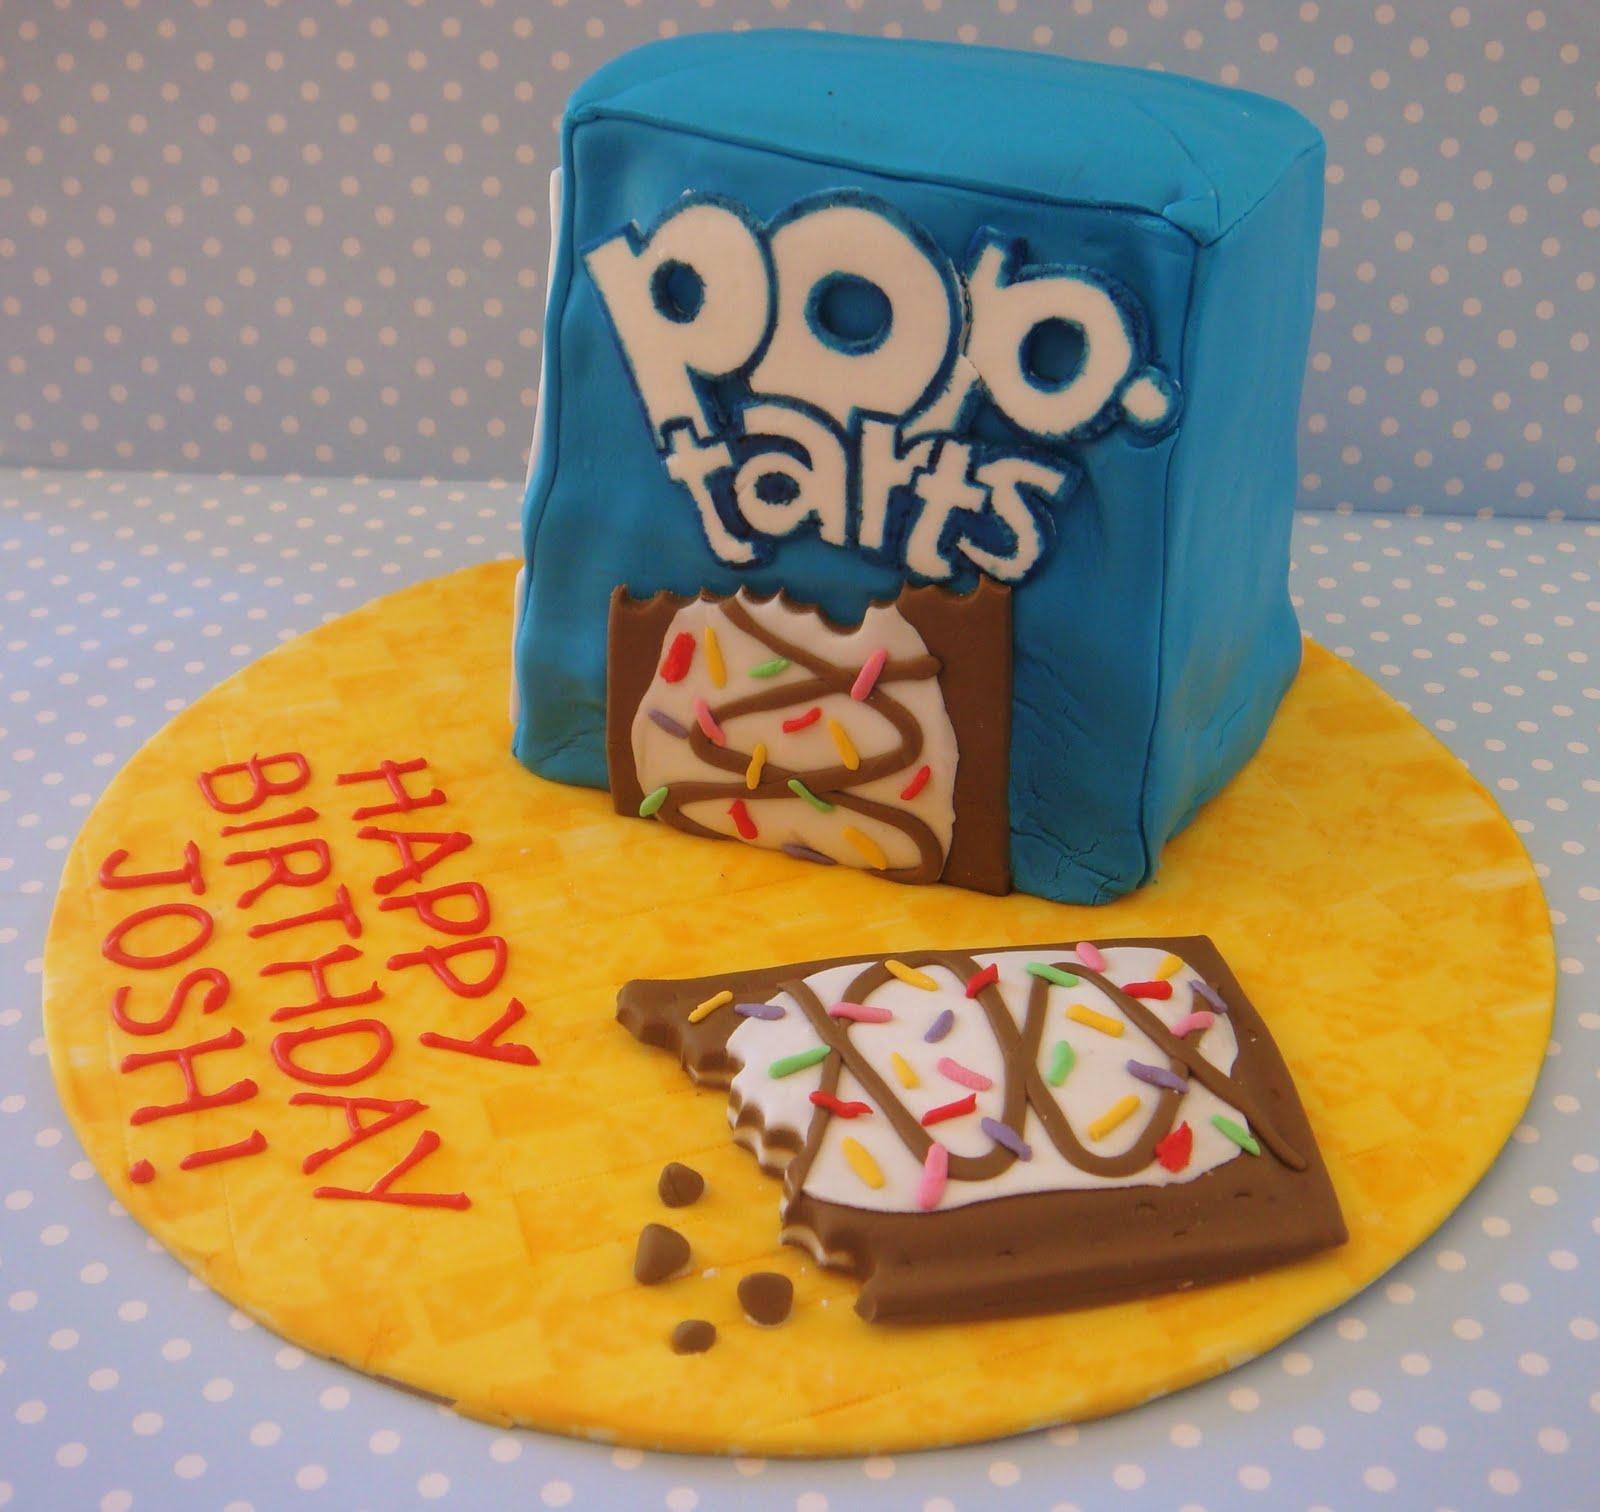 Butter Hearts Sugar Pop Tarts Cake